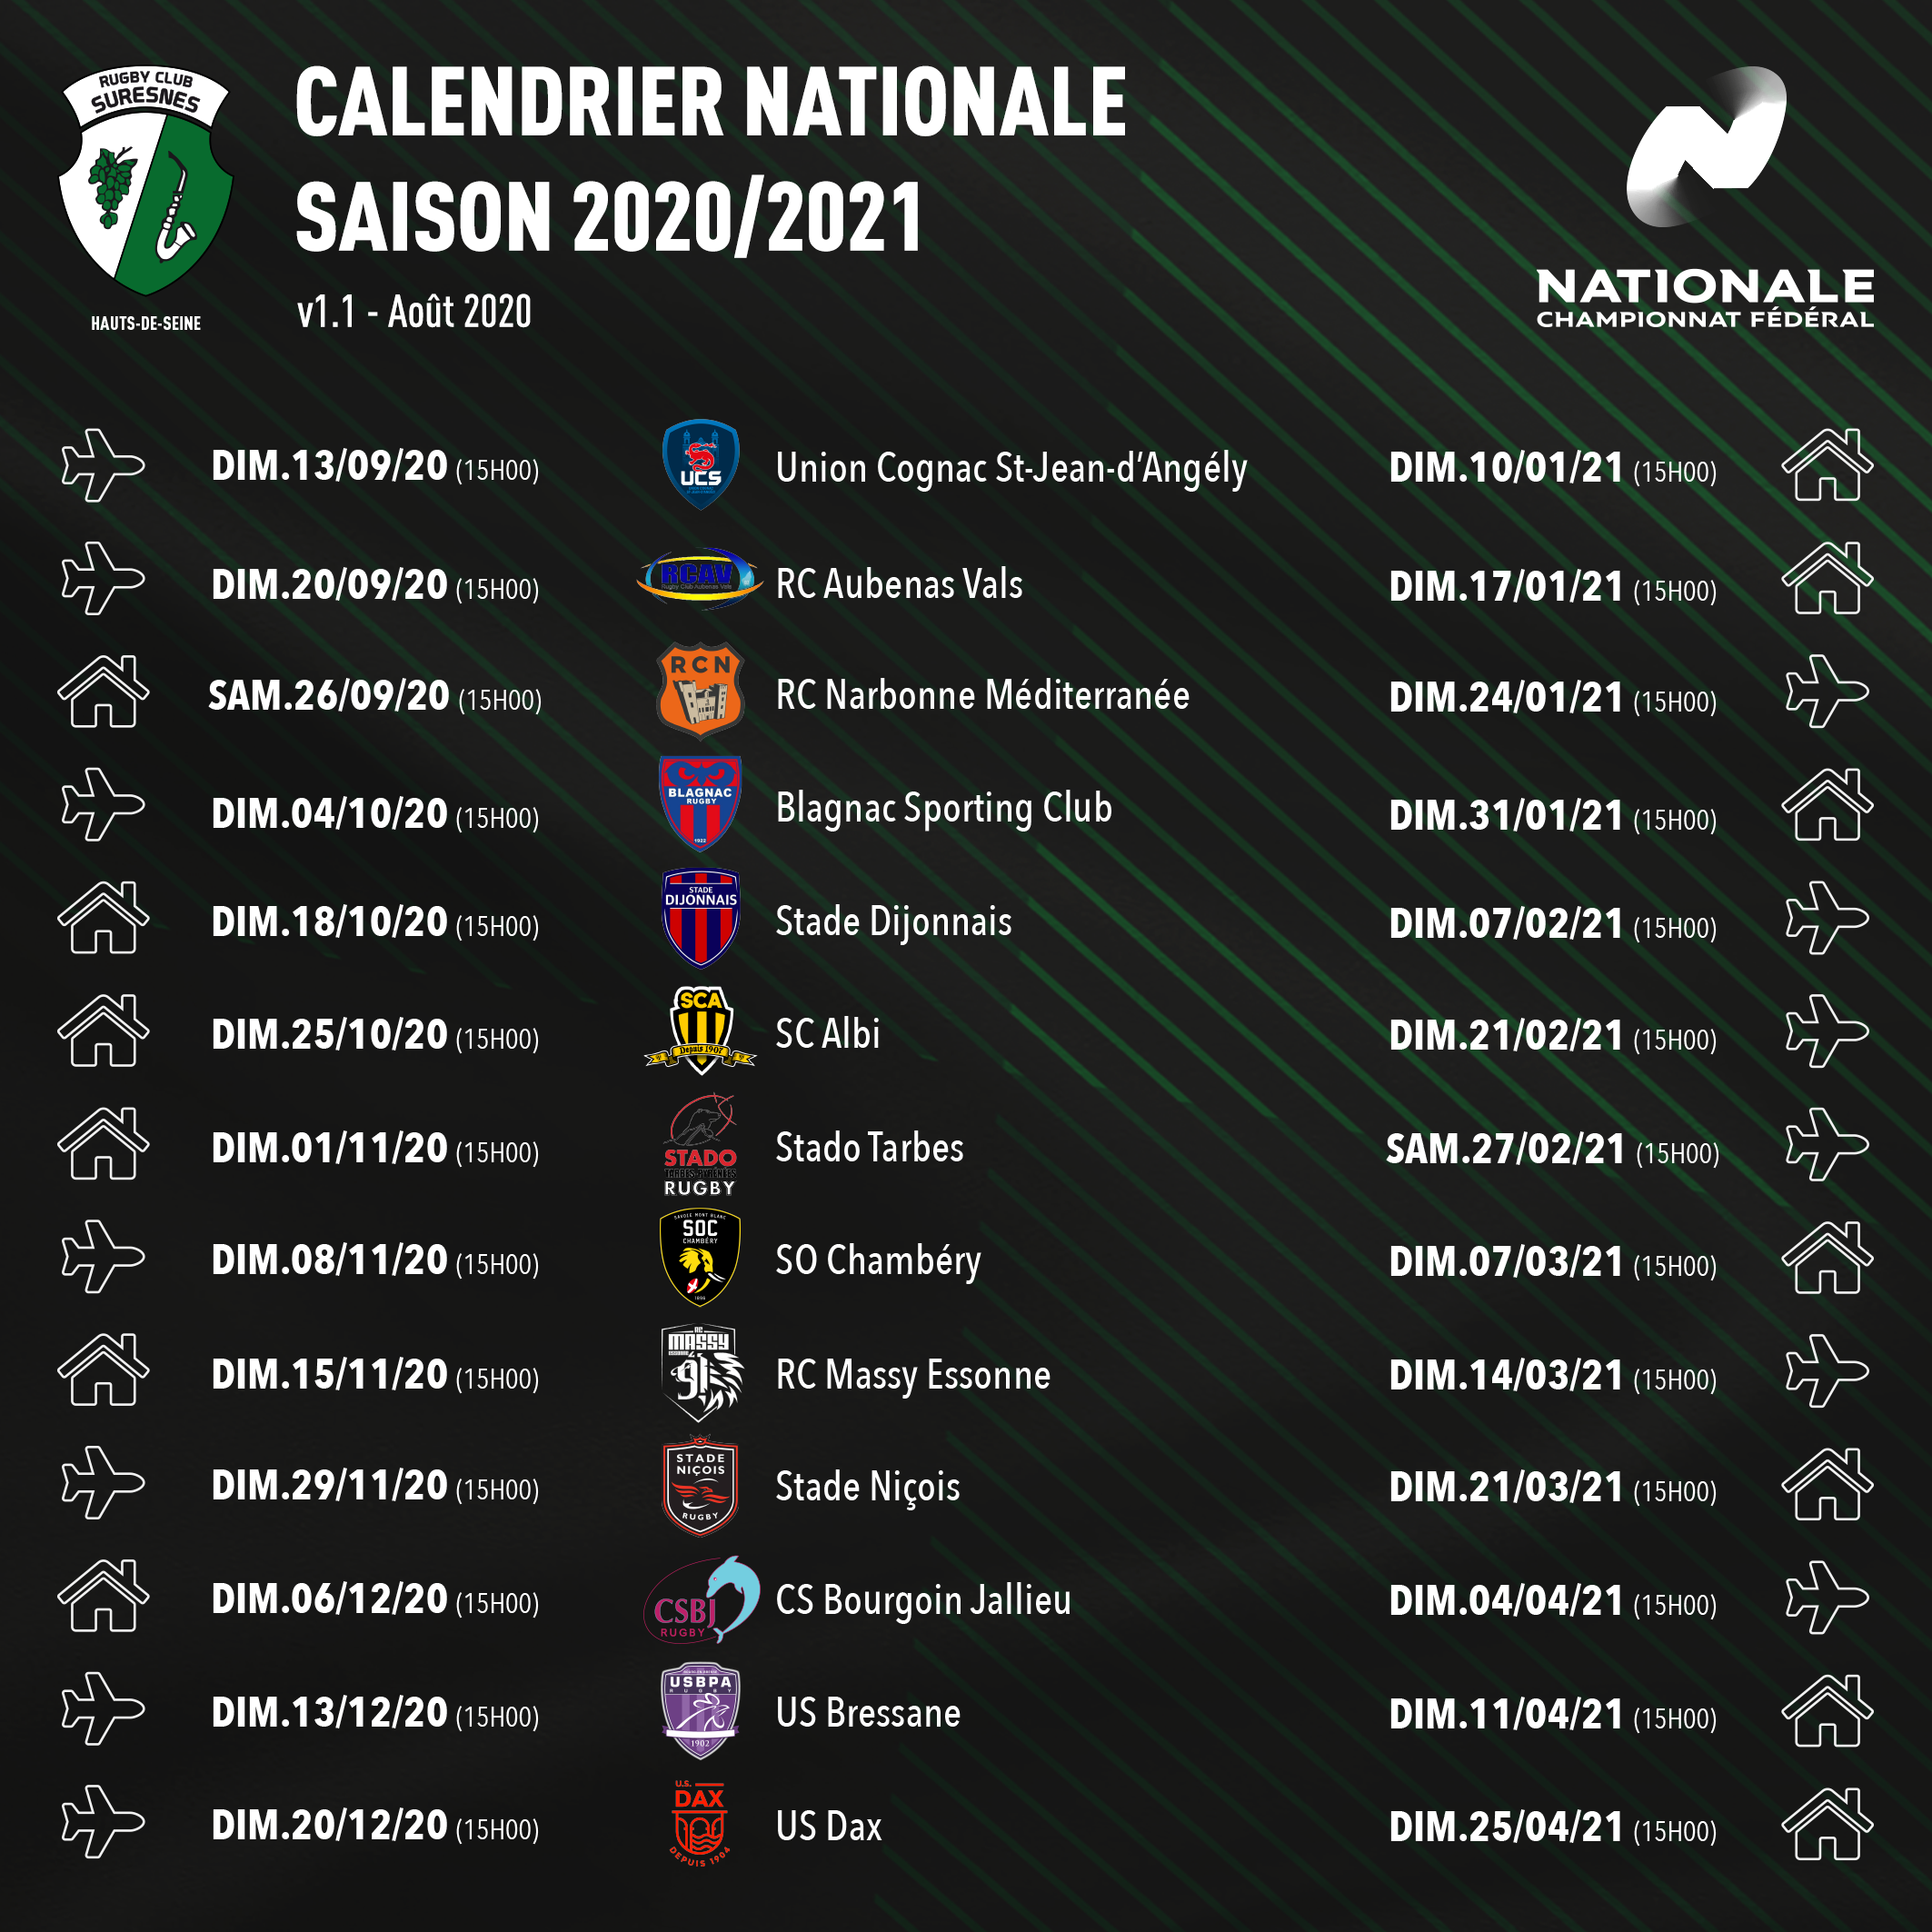 Calendrier du RC Suresnes - Championnat de France de rugby Nationale